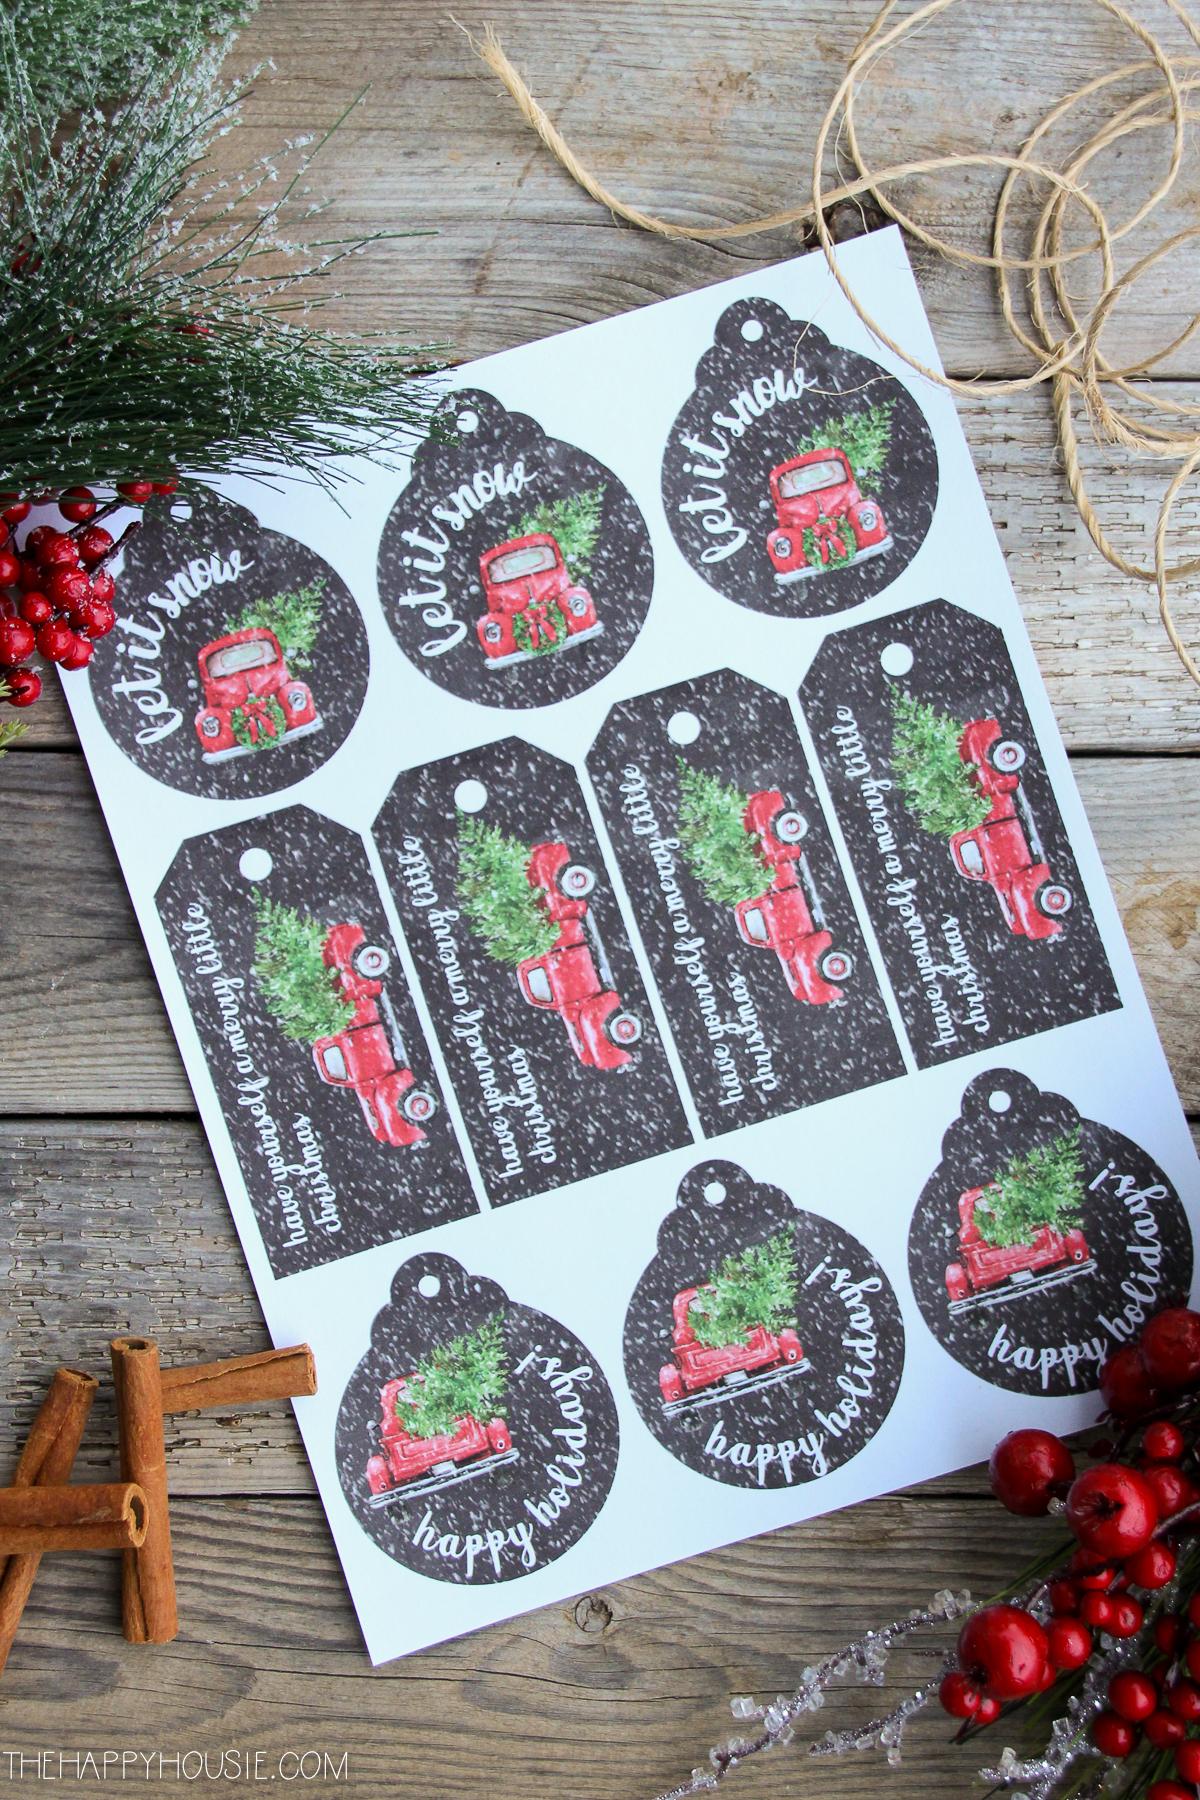 Free Printable Christmas Gift Tags - Bless'er House - Free Printable Angel Gift Tags